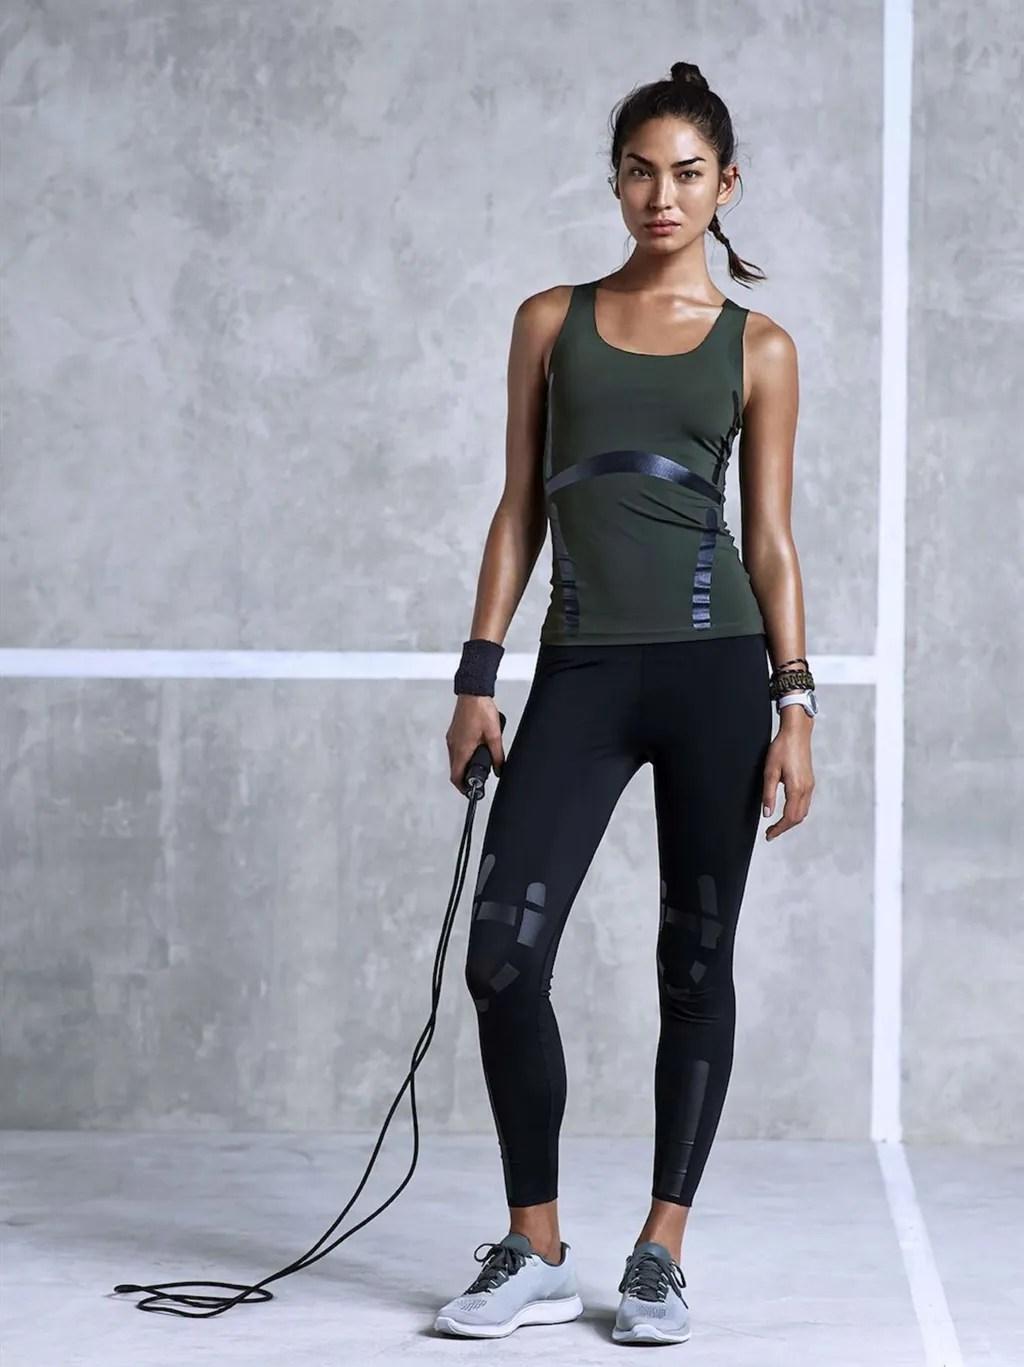 H&m Workout Clothes